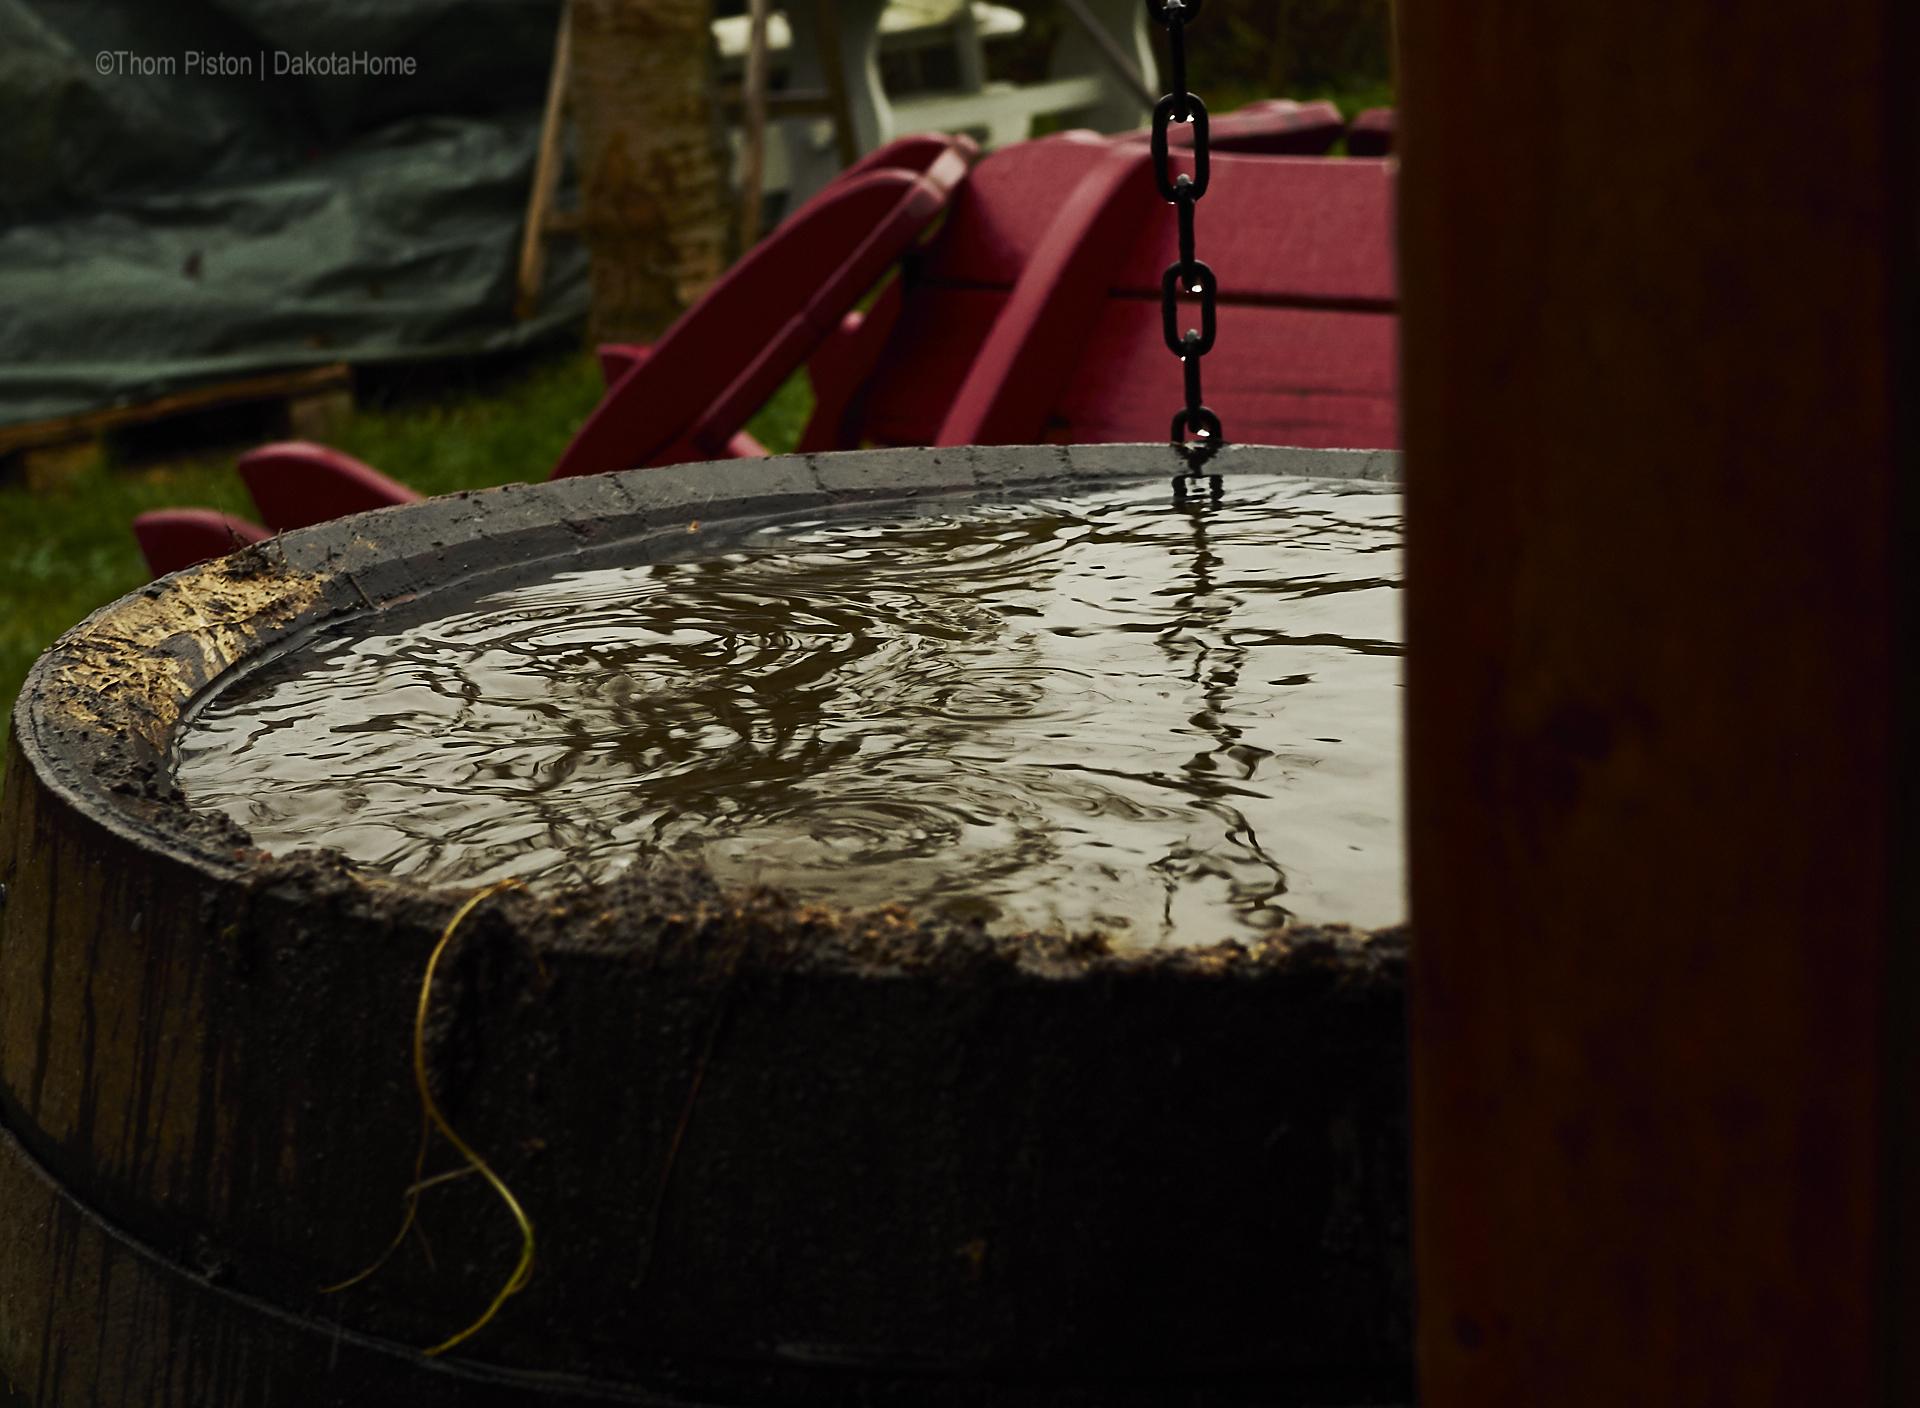 regen und dunkel at dakota home